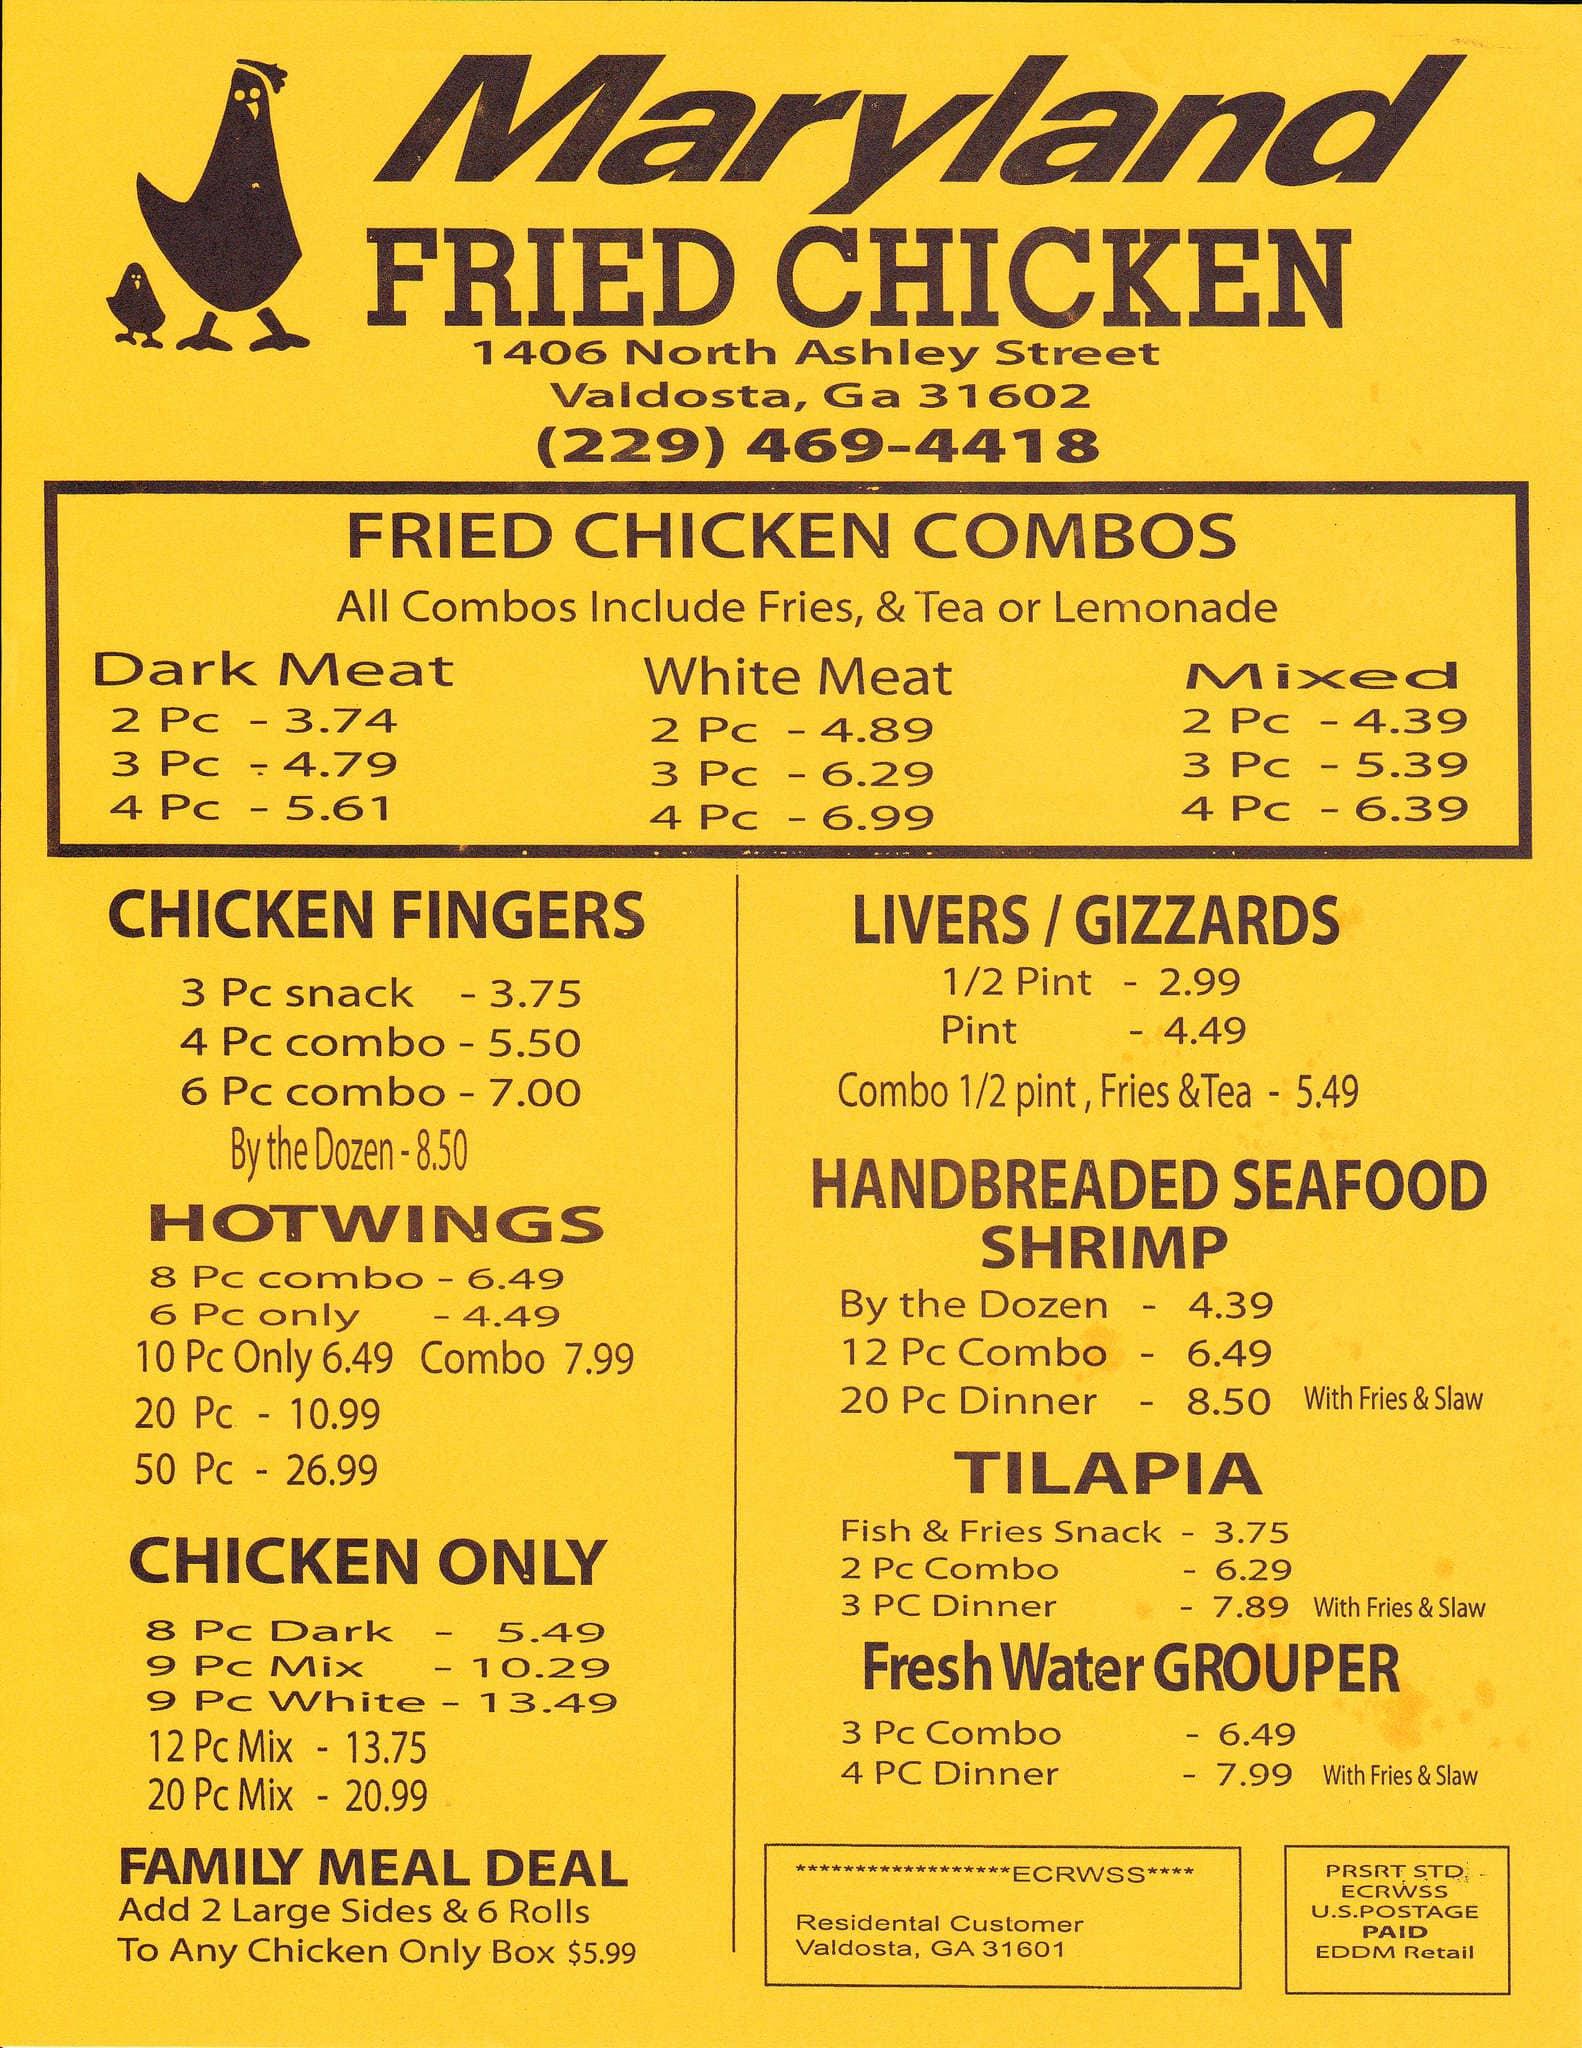 Maryland Fried Chicken Menu Restaurant